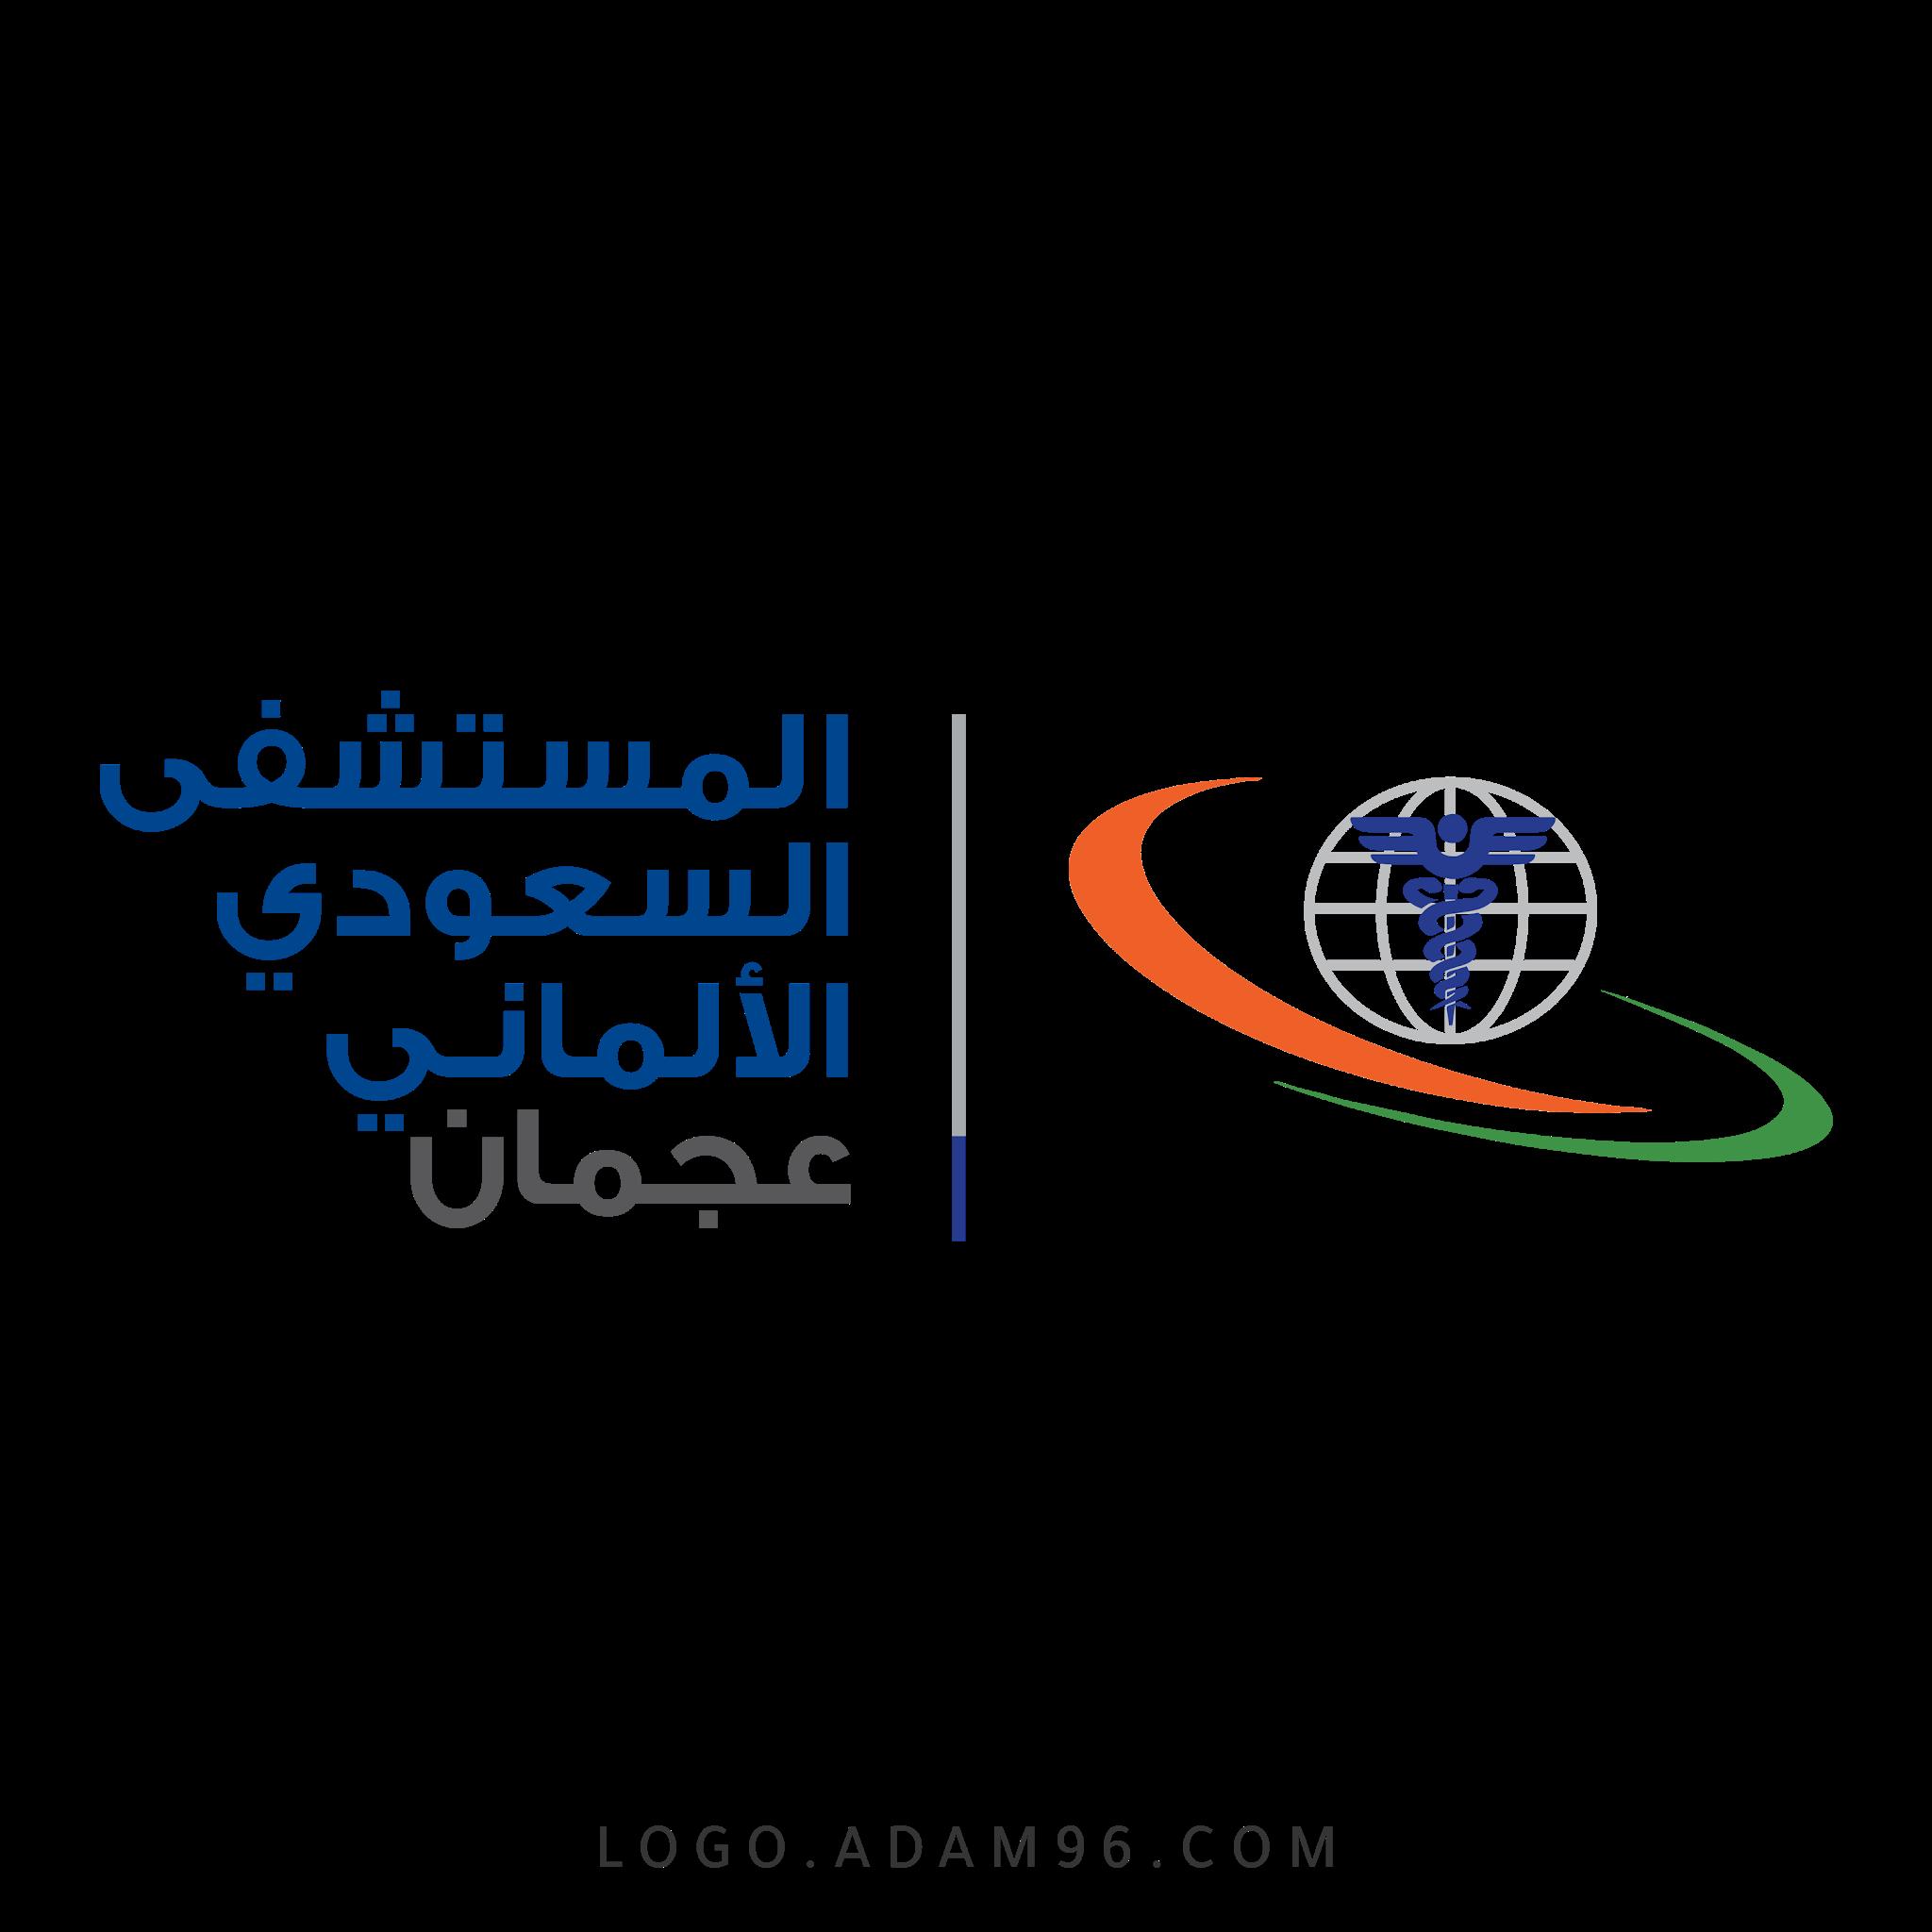 تحميل شعار المستشفى السعودي الألماني - عجمان السعودية لوجو رسمي PNG